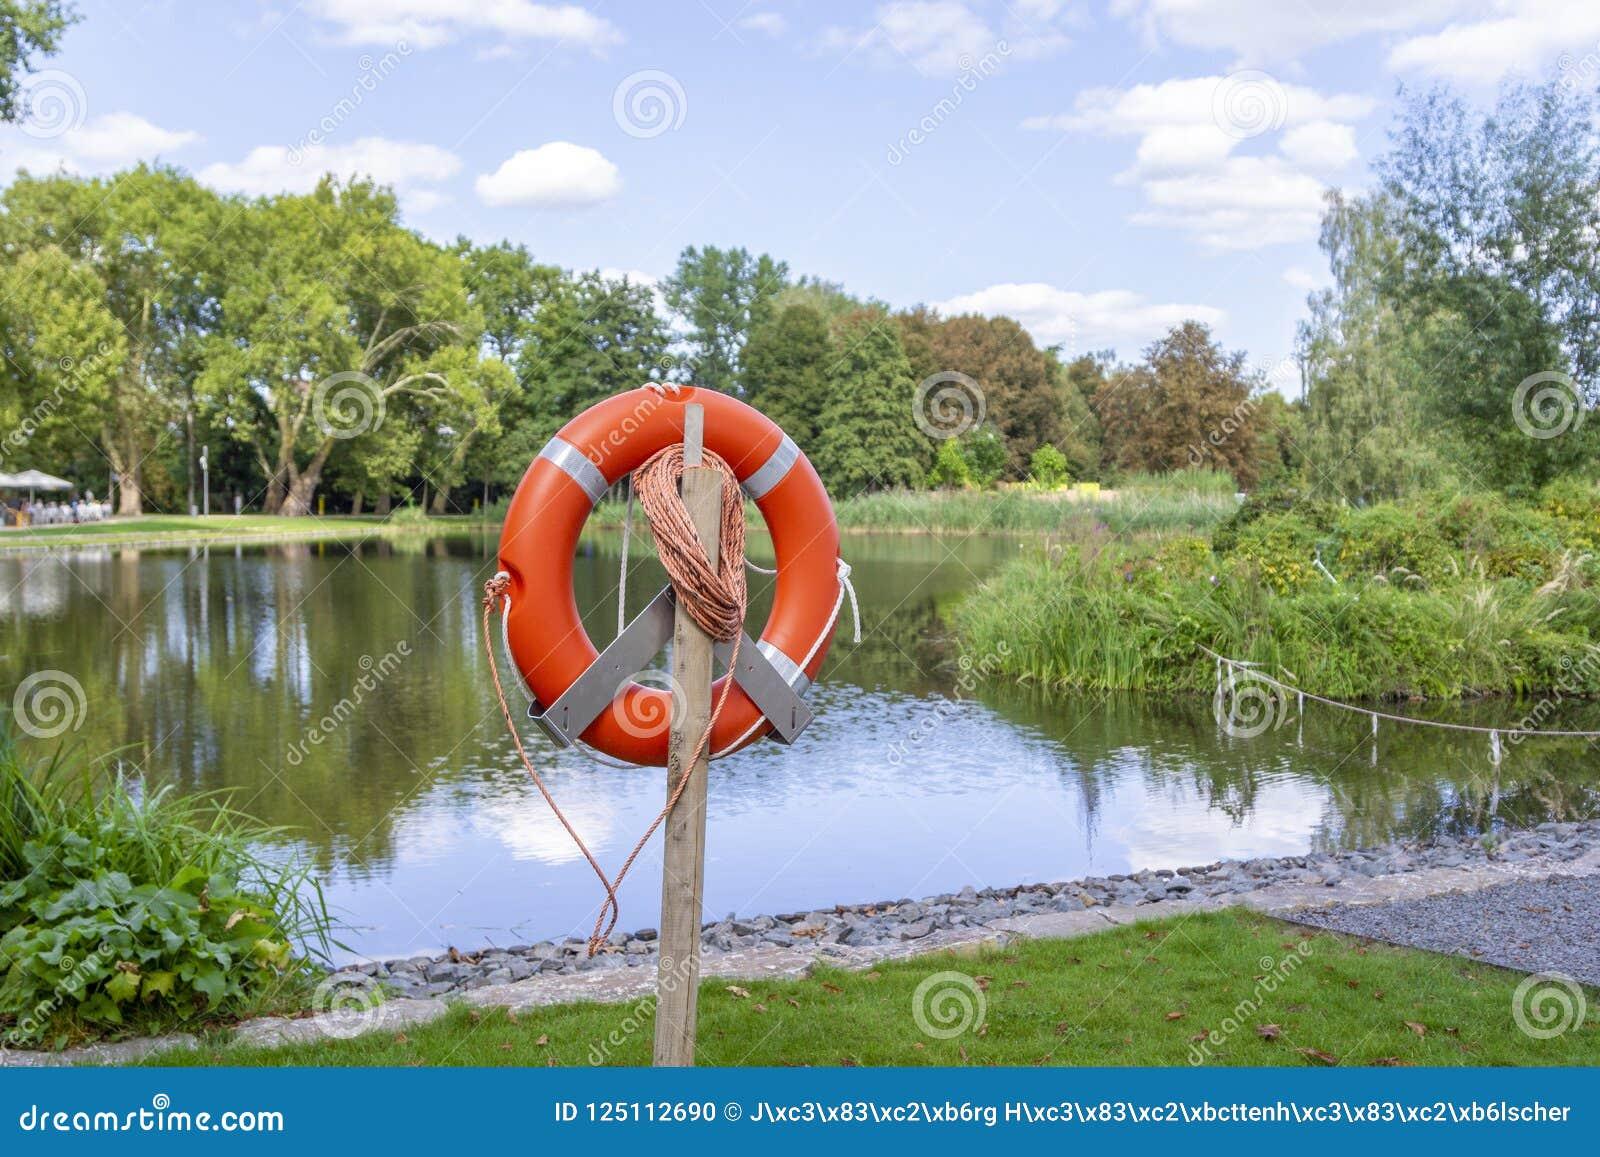 Un flotador del rescate